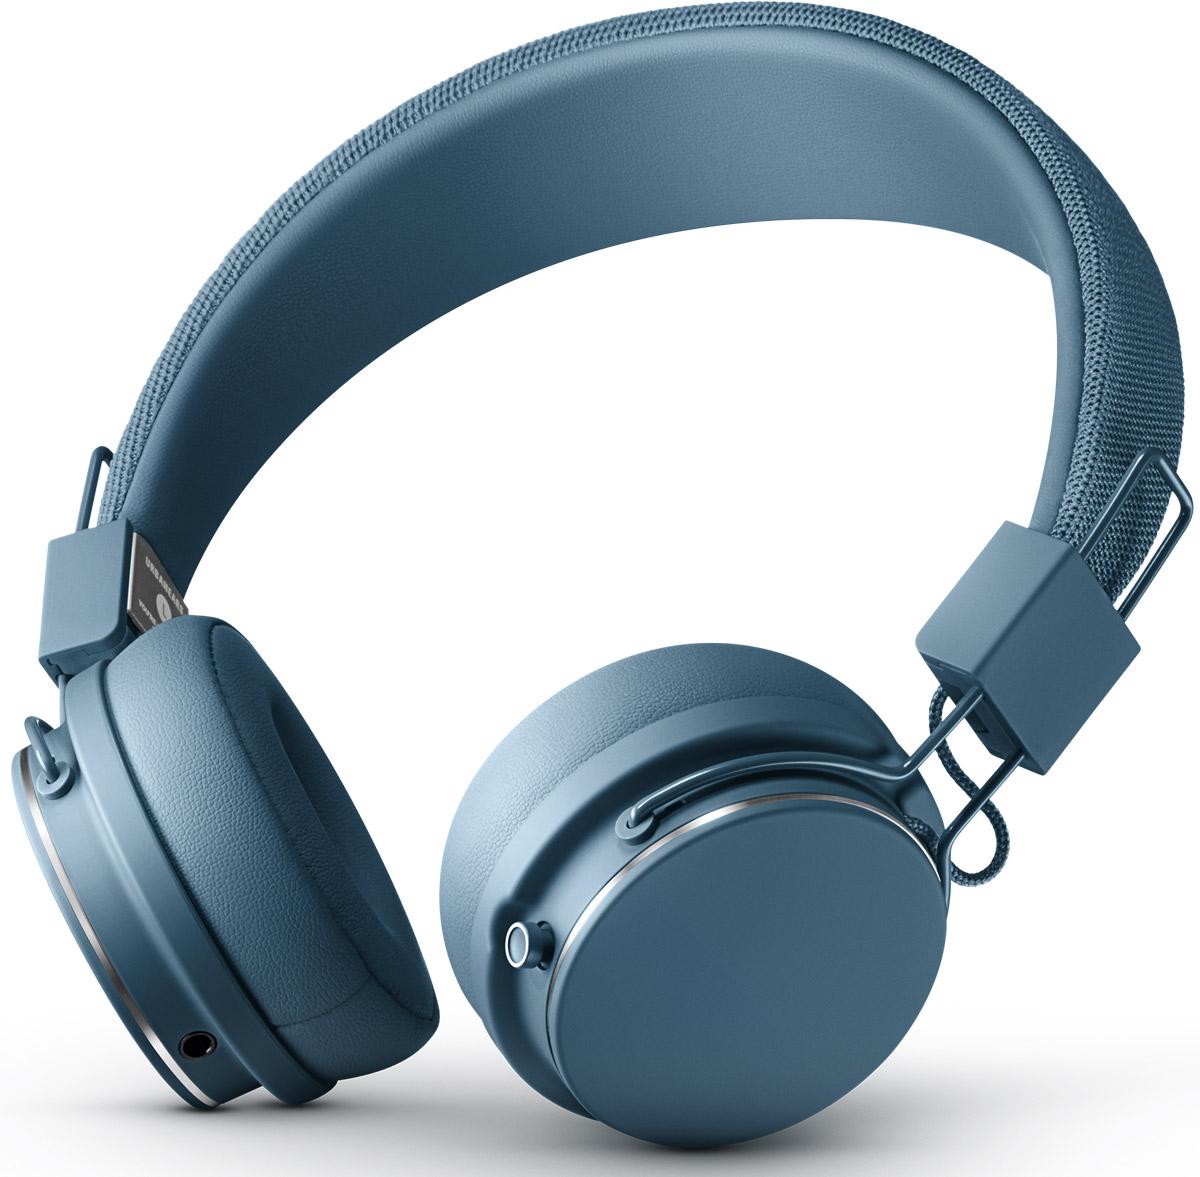 все цены на Беспроводные наушники Urbanears Plattan 2 Bluetooth, синий онлайн